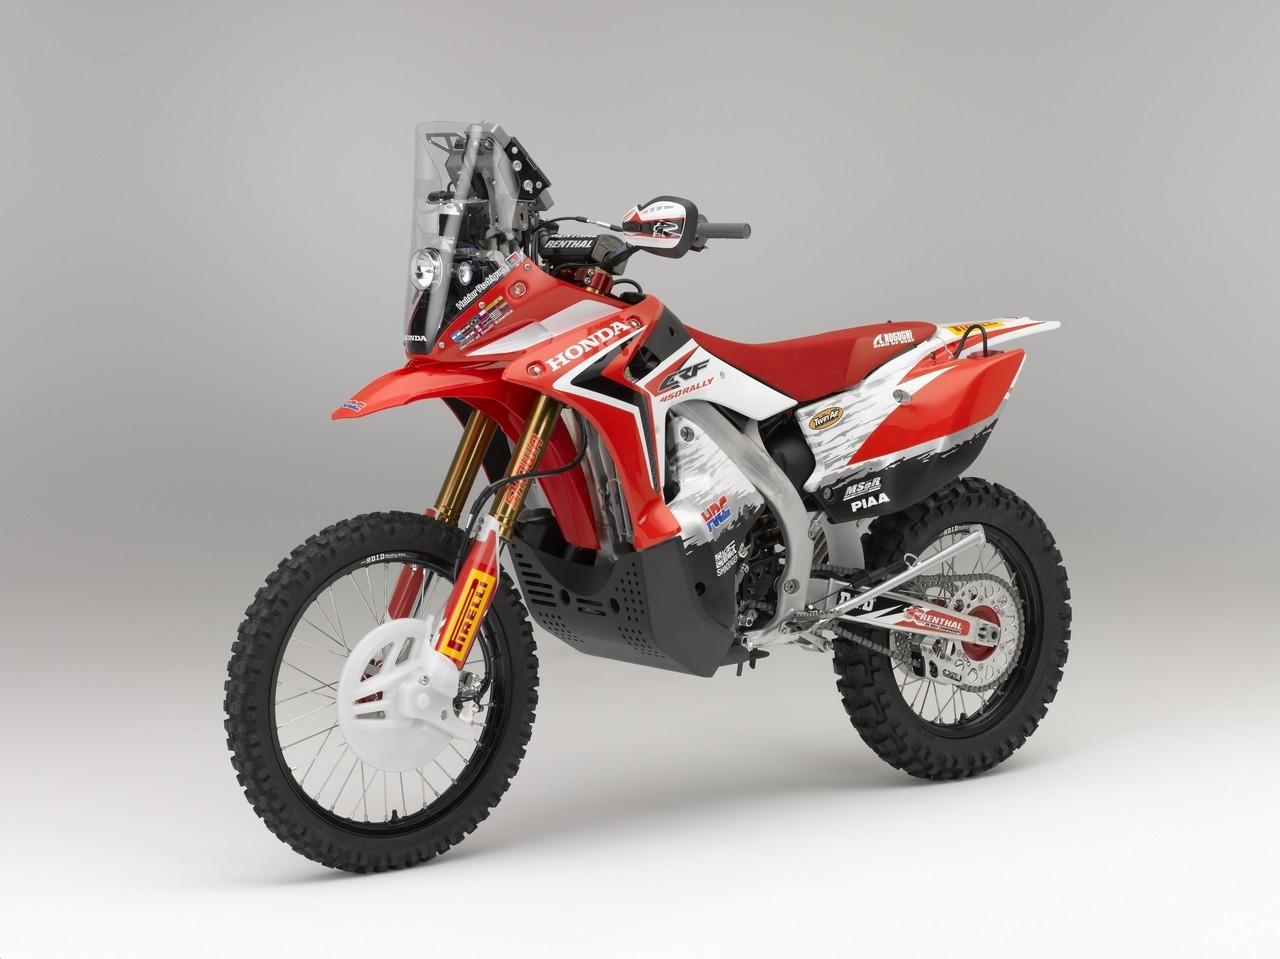 Honda Transalp XL700V precio, fotos, ficha técnica y motos